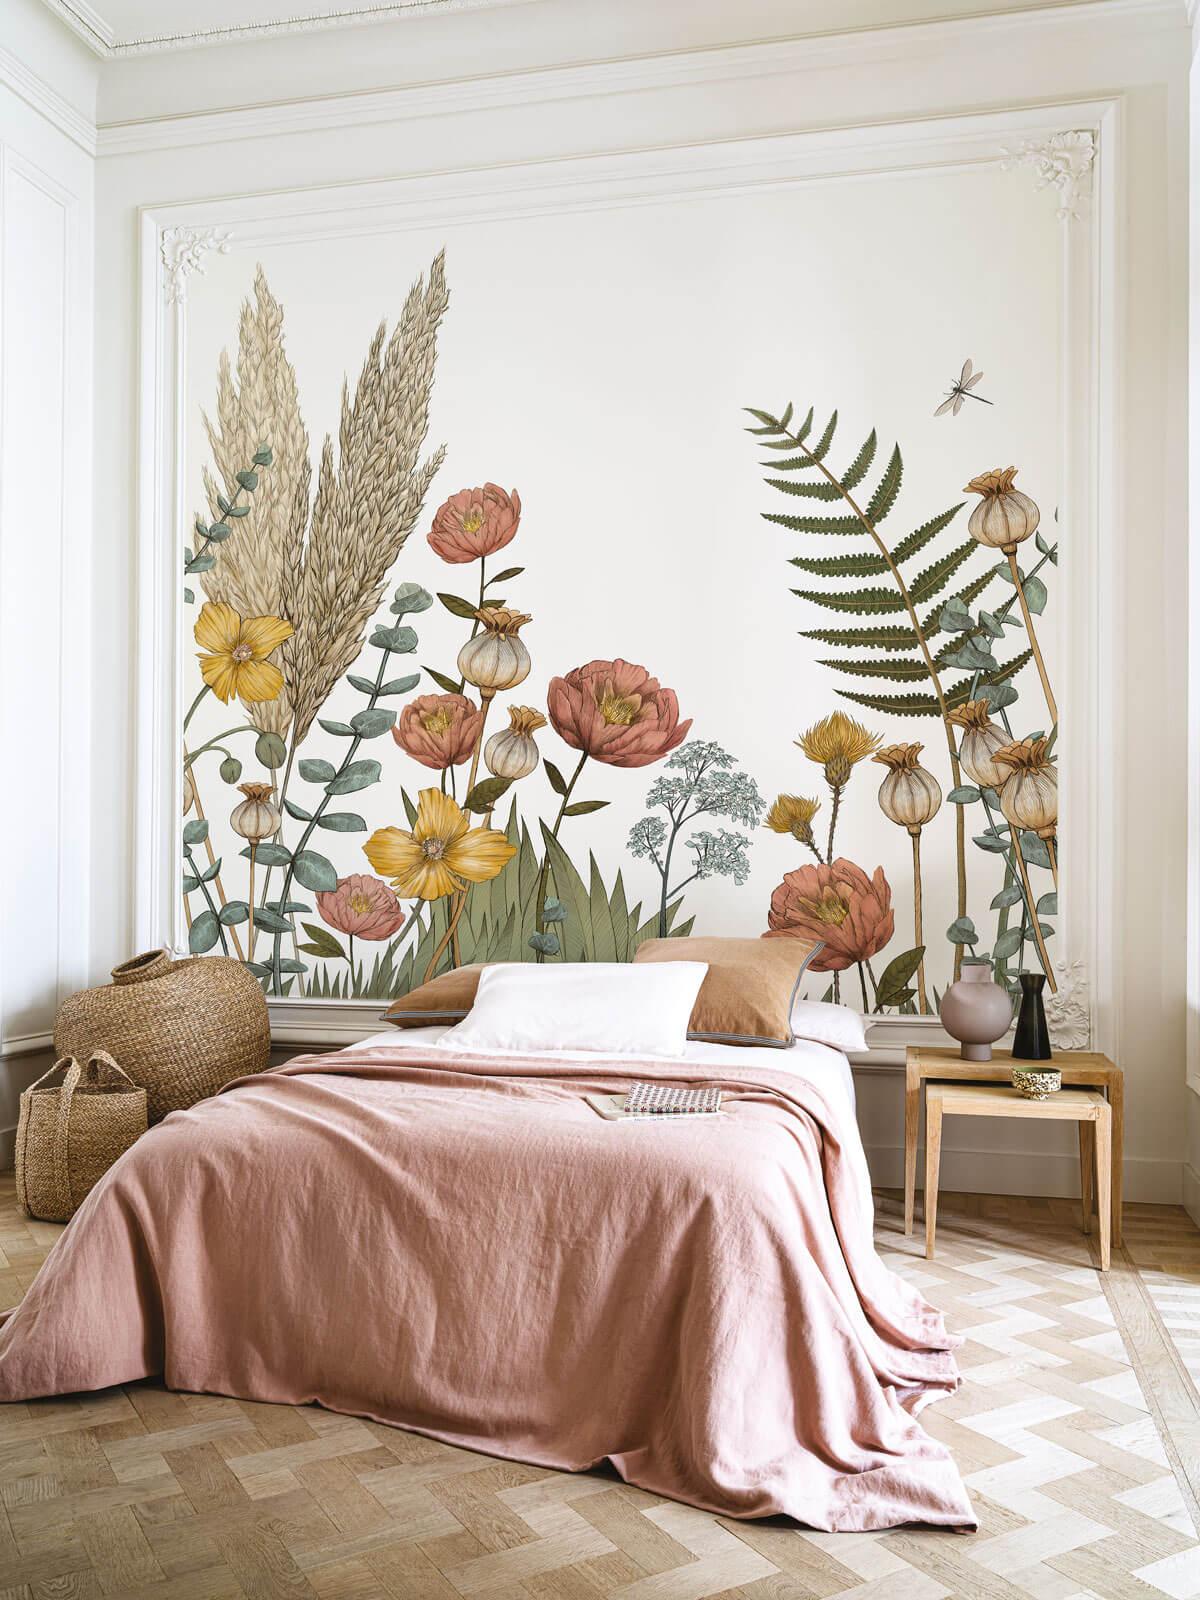 papiers peints albi castres delzongle séguret décoration conseil décor maison de la peinture sikkens